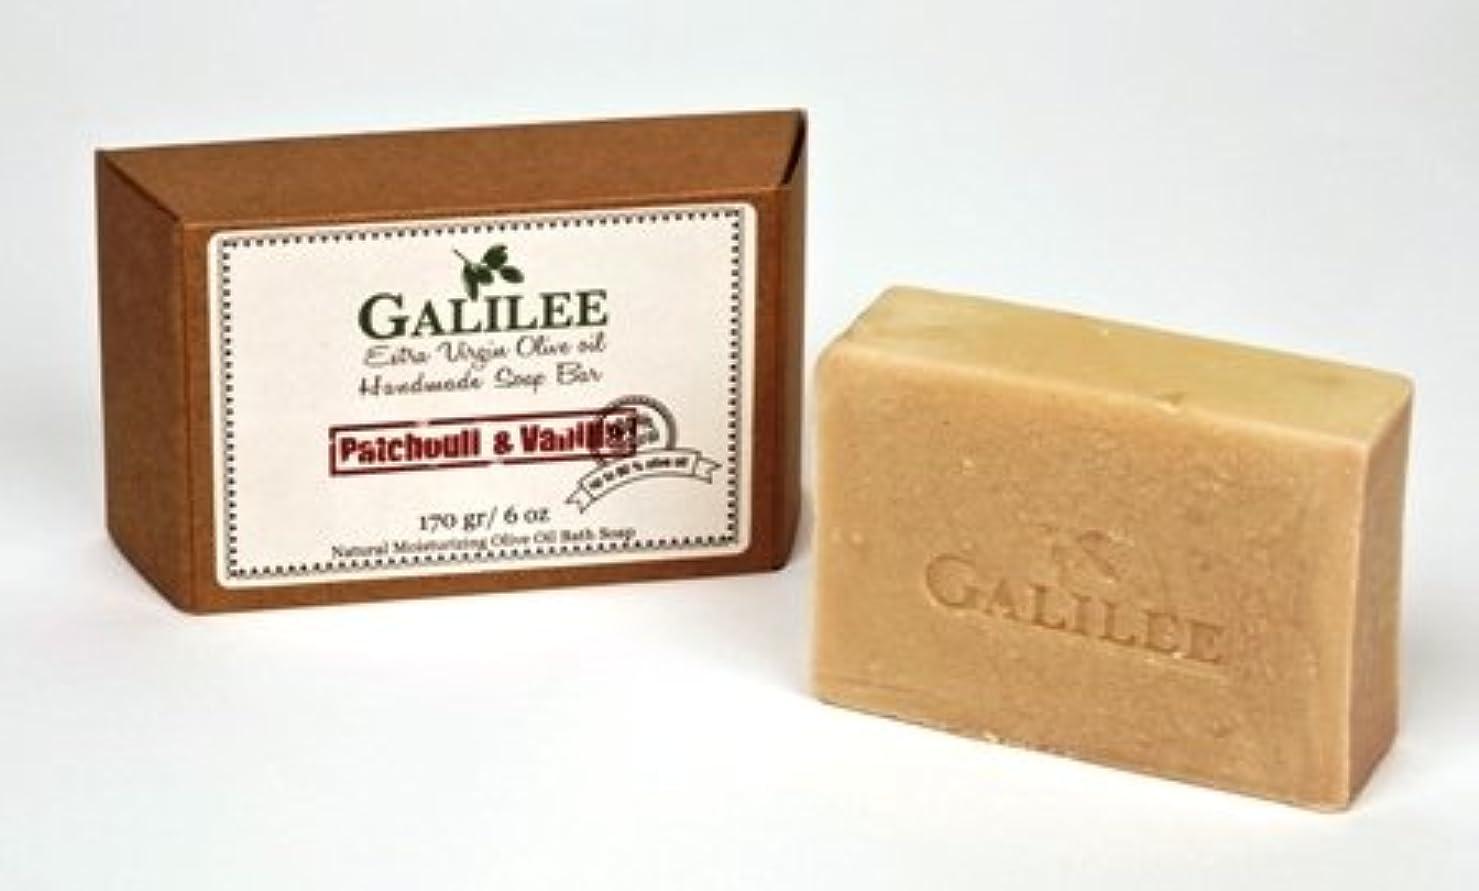 称賛称賛構成Galilee Magic ガリラヤオリーブオイルソープバー 6oz パチュリー&バニラオリーブオイル